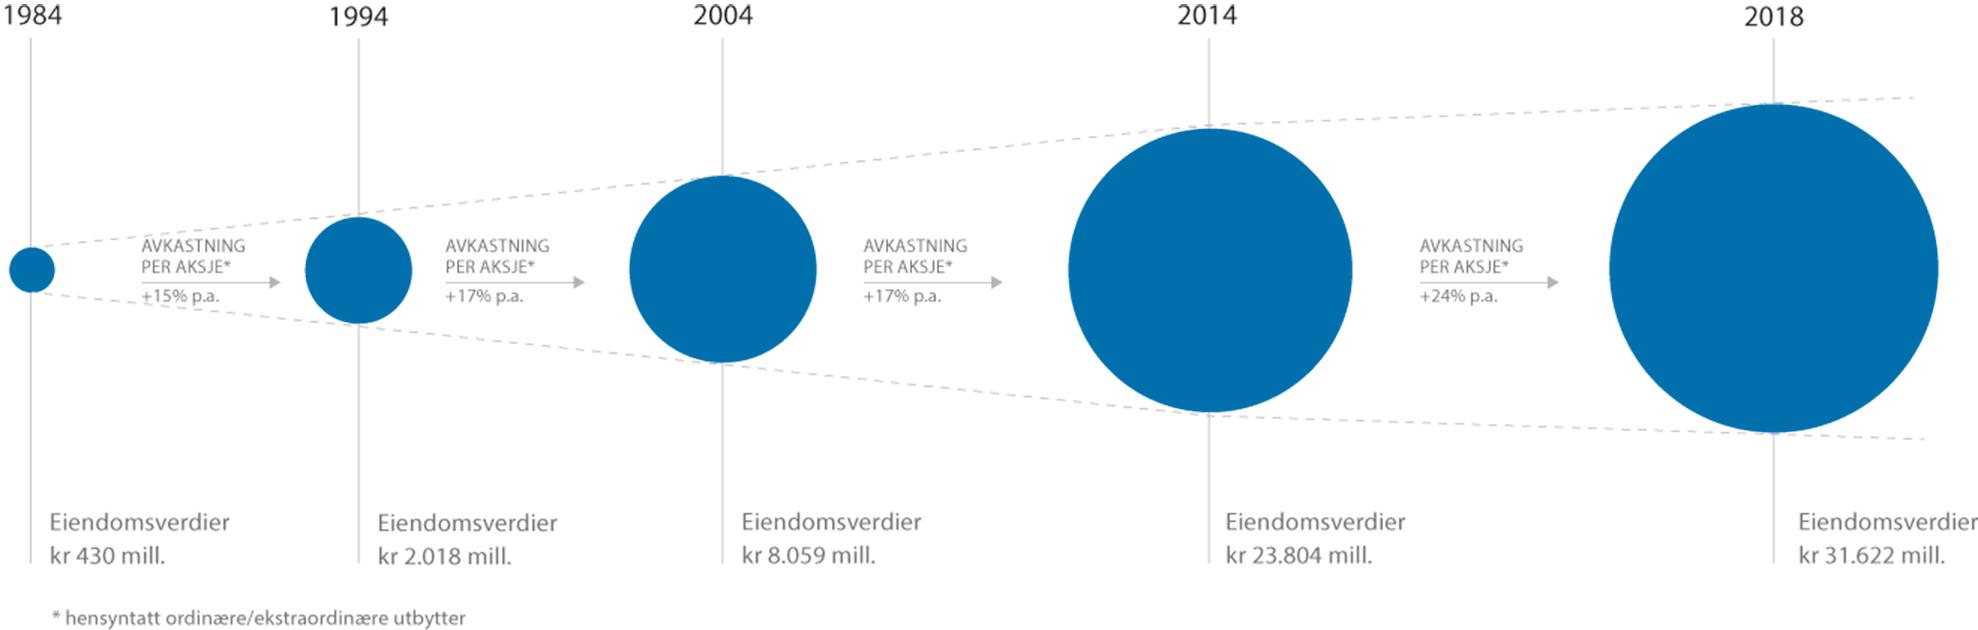 Historiegraf 1984-2018 Eiendomsspar